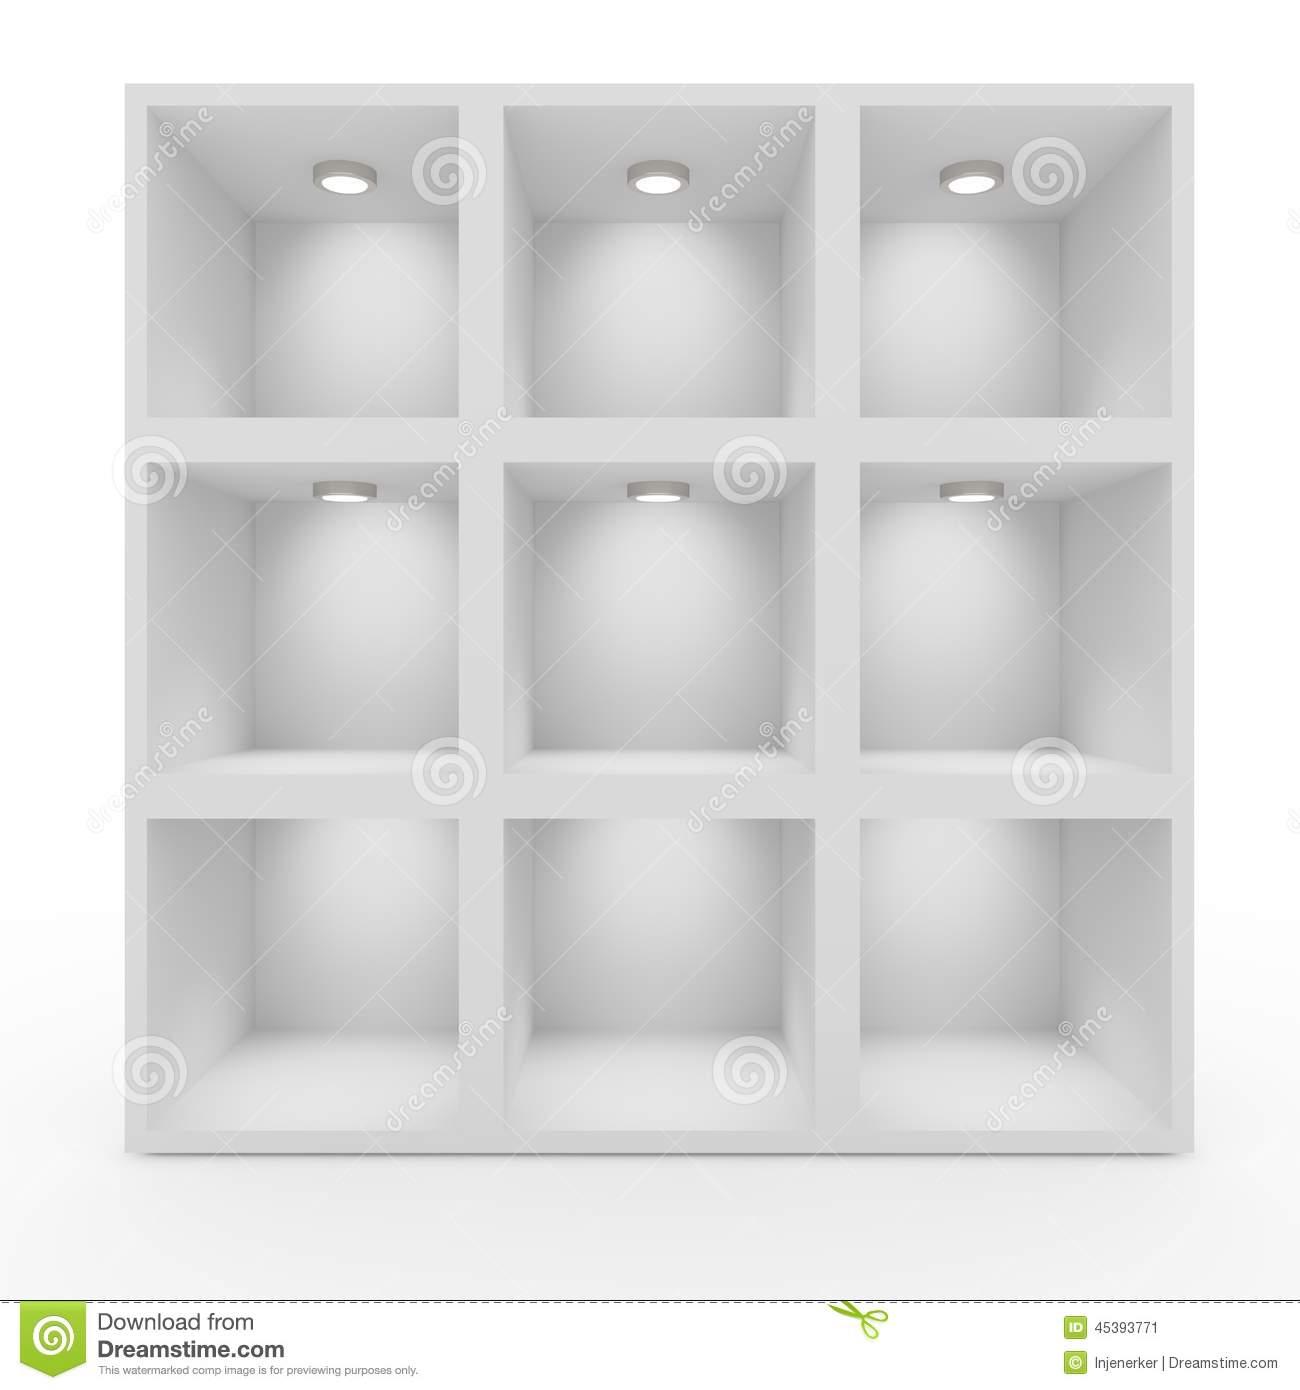 Full Size of Leere Weie Regale Mit Beleuchtung Stock Abbildung Illustration Metall Weißes Regal Gebrauchte Kaufen Bett 90x200 Günstig Weiße Betten Keller Meta Obi Regal Weiße Regale